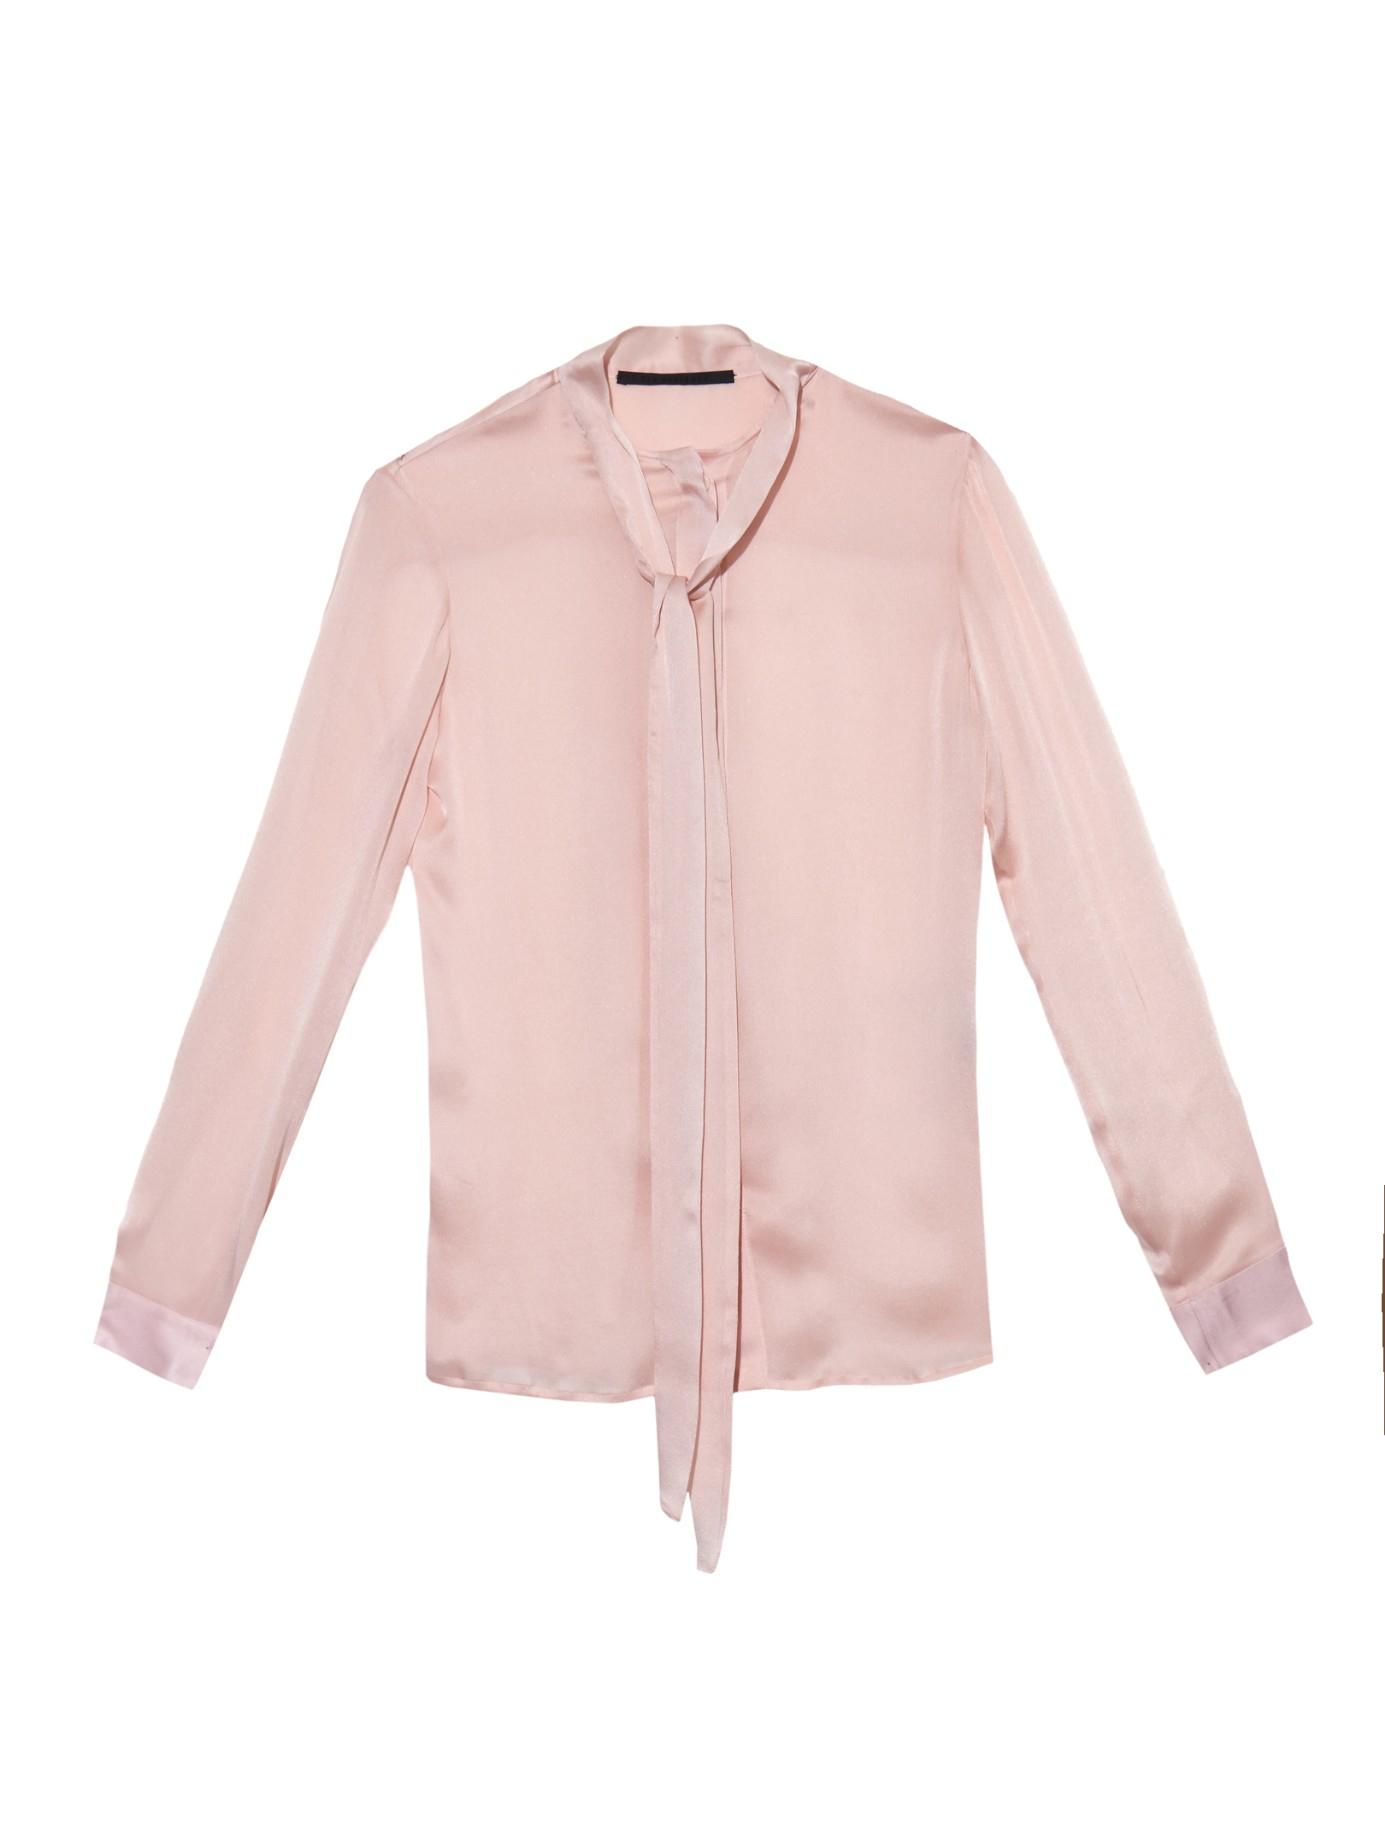 haider-ackermann-light-pink-scarf-collar